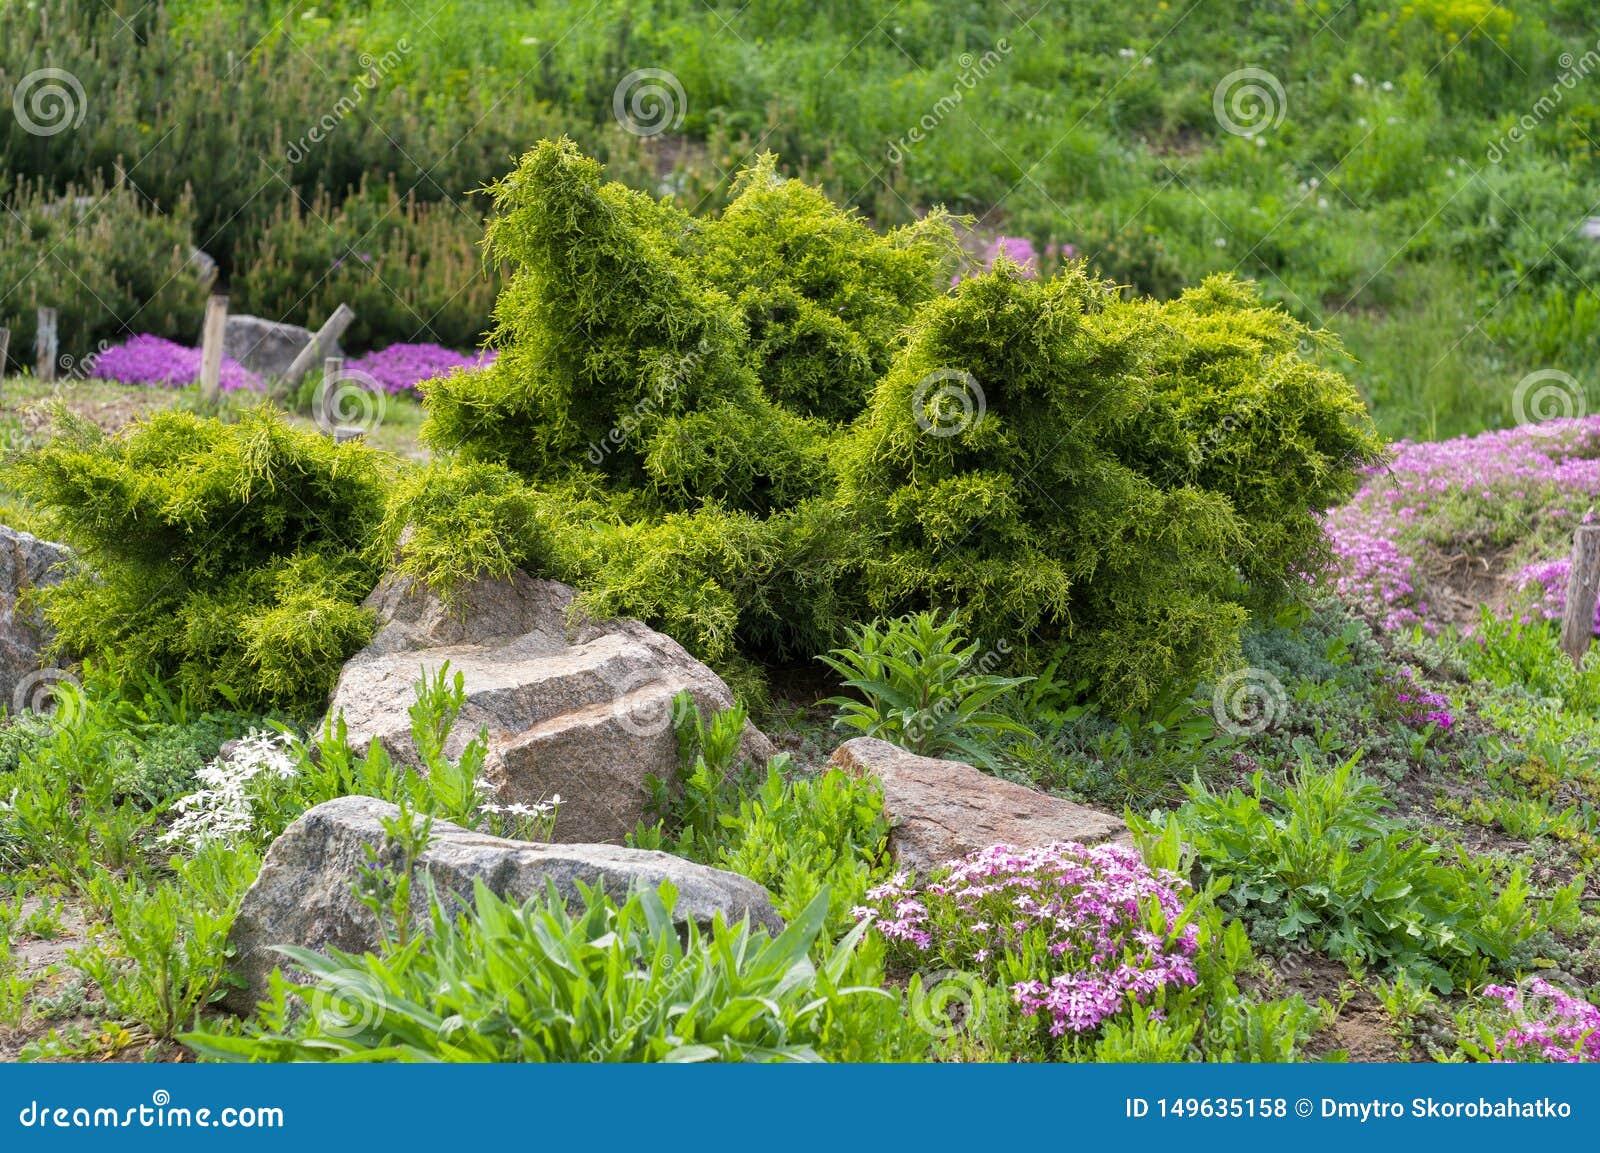 Φύτευση των κωνοφόρων θάμνων και των διακοσμητικών λουλουδιών κοντά στις πέτρες στον κήπο